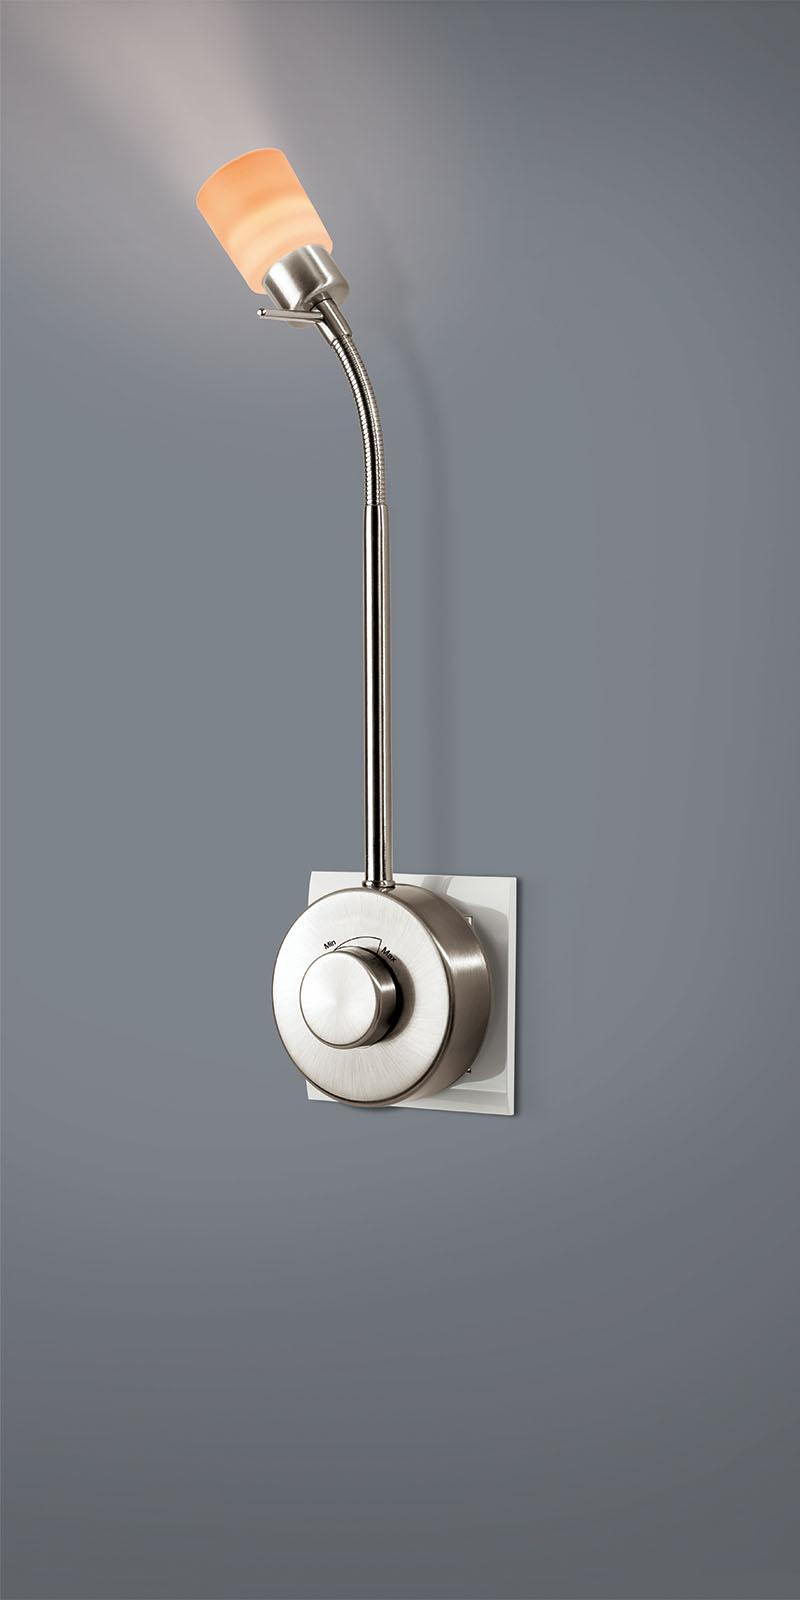 led steckdosenleselampe mit dimmer led- steckdosenleuchte glasform